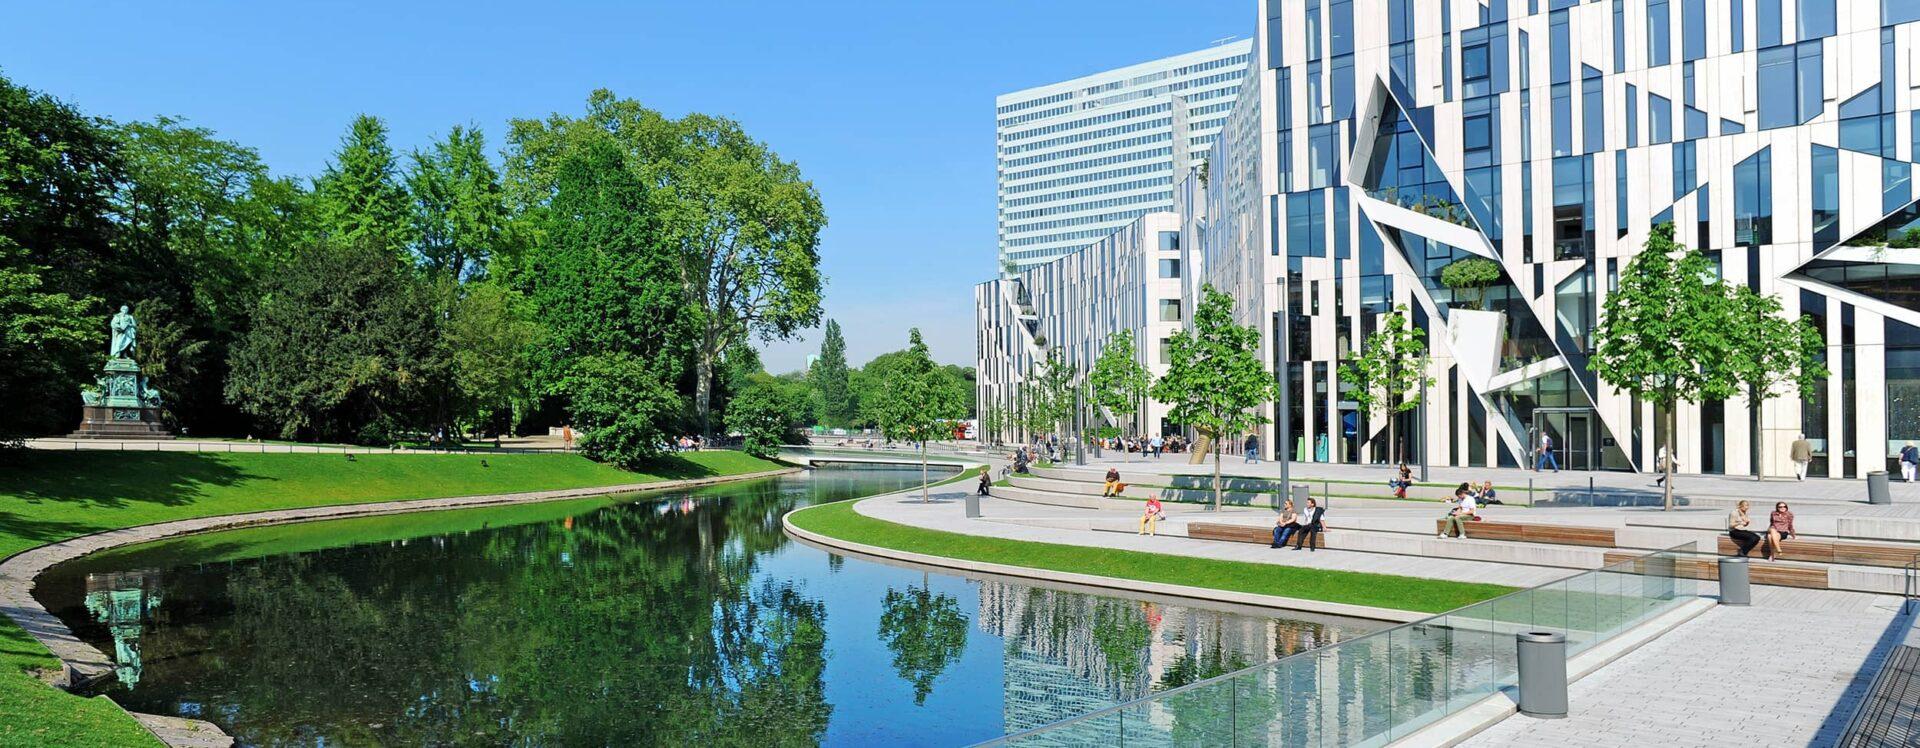 Der Kö-Bogen ist ein Gebäudekomplex und Freiraumgefüge zur Stadterneuerung in der nordrhein-westfälischen Landeshauptstadt Düsseldorf.